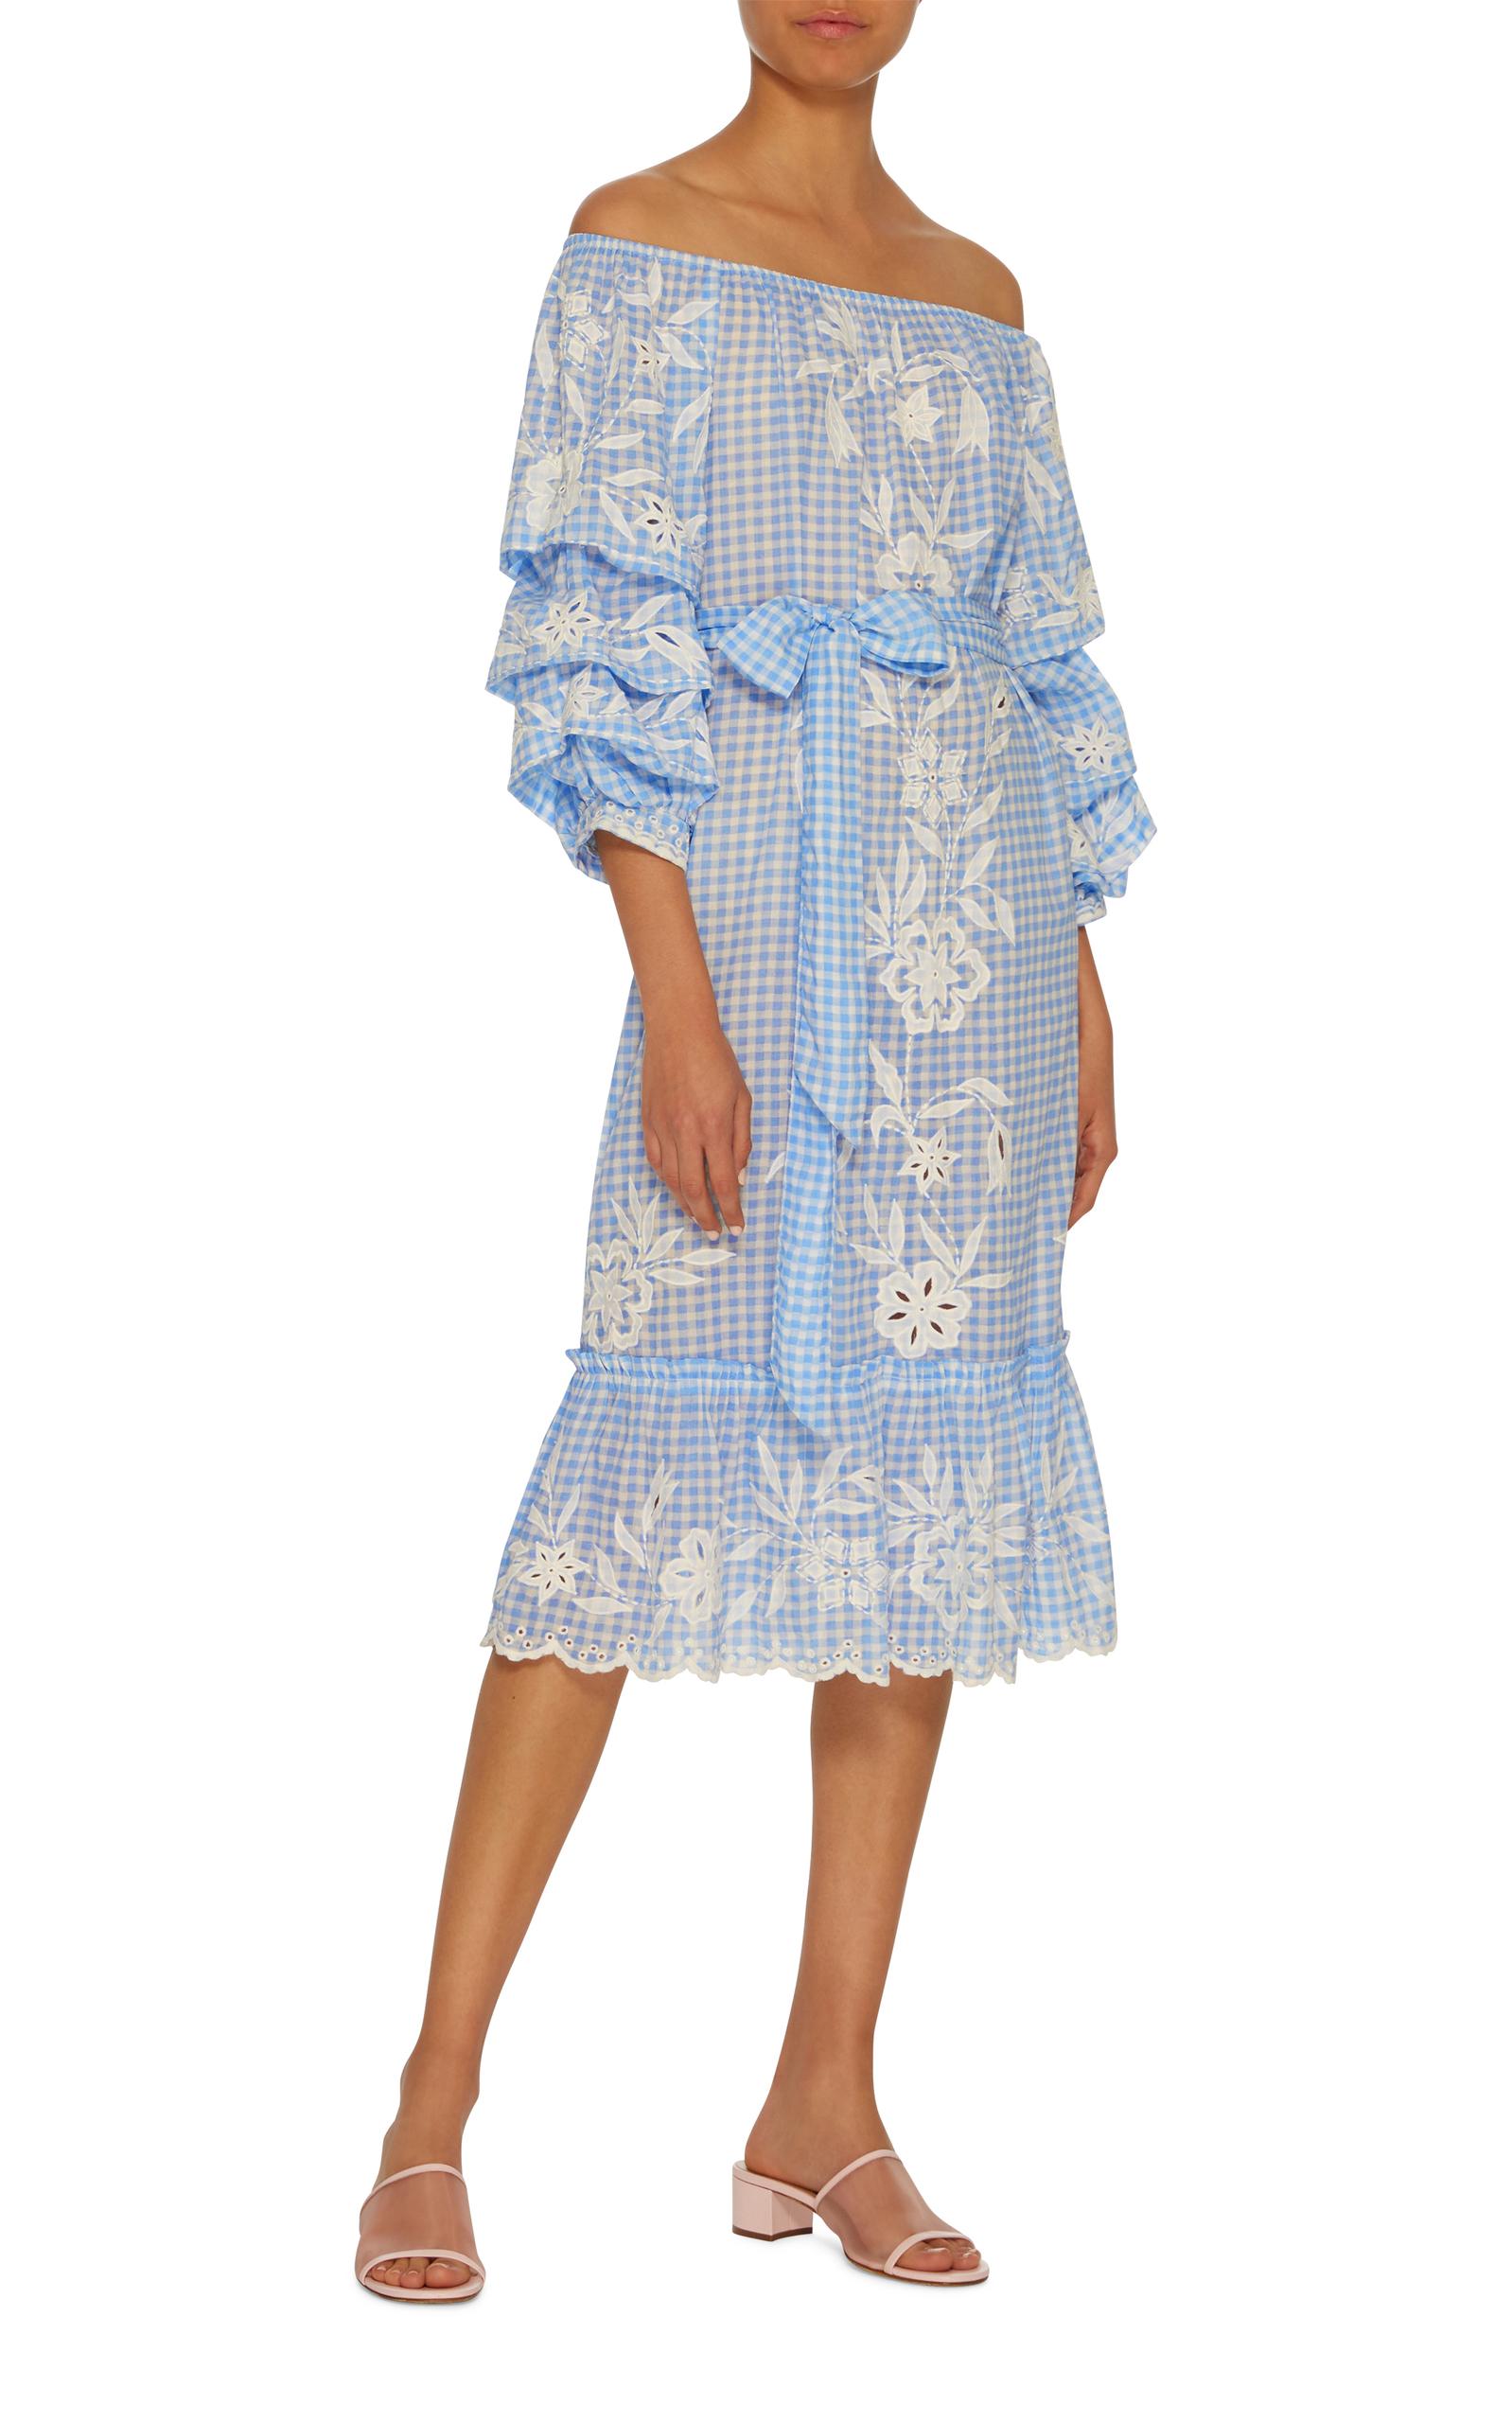 03a3b6d2c5 Puff Sleeve Flower Embroidered Dress by Juliet Dunn | Moda Operandi